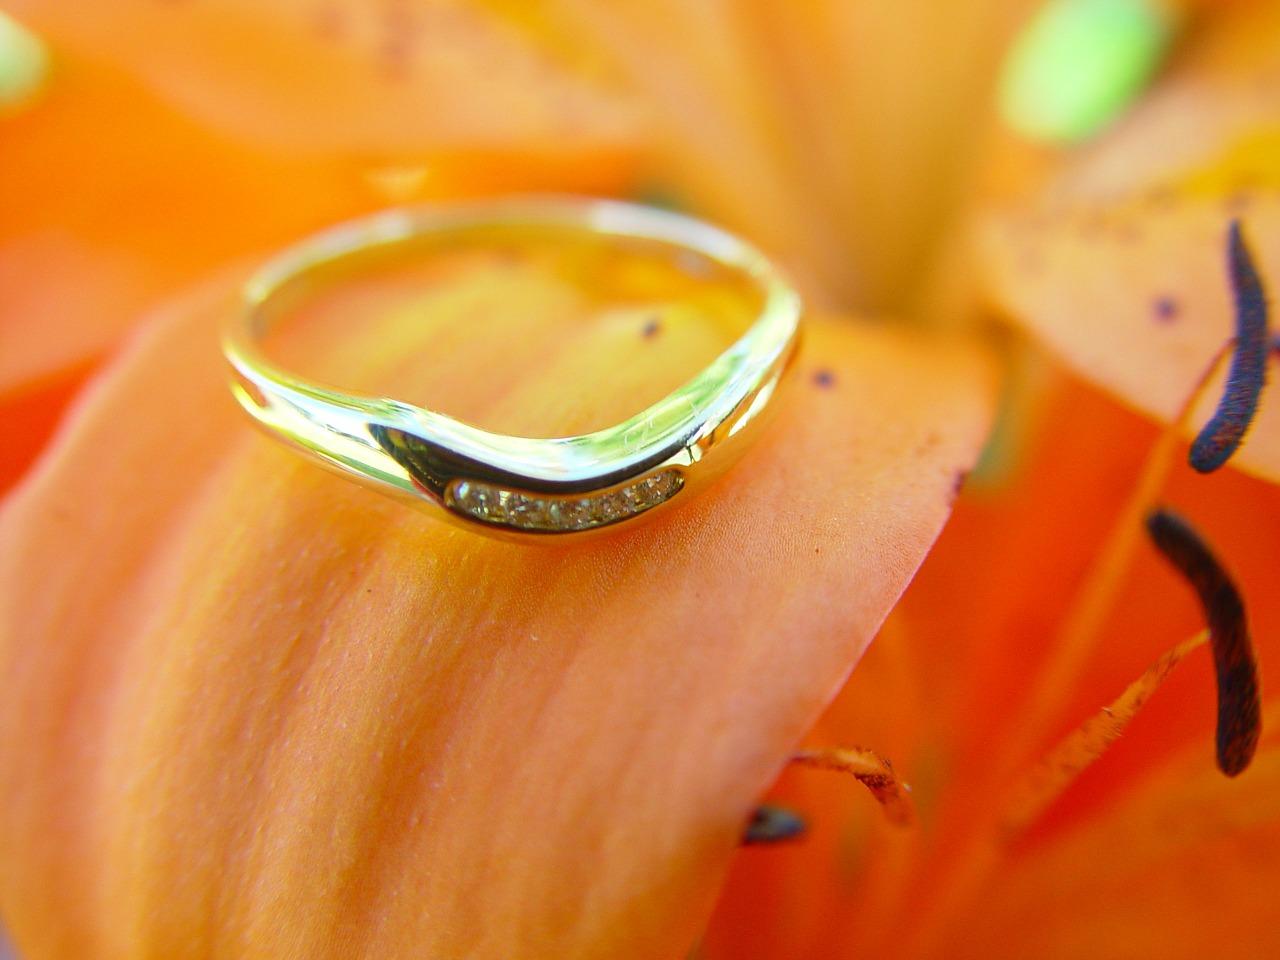 Tényleg lehet jó eljegyzési gyűrűt találni webshopban?